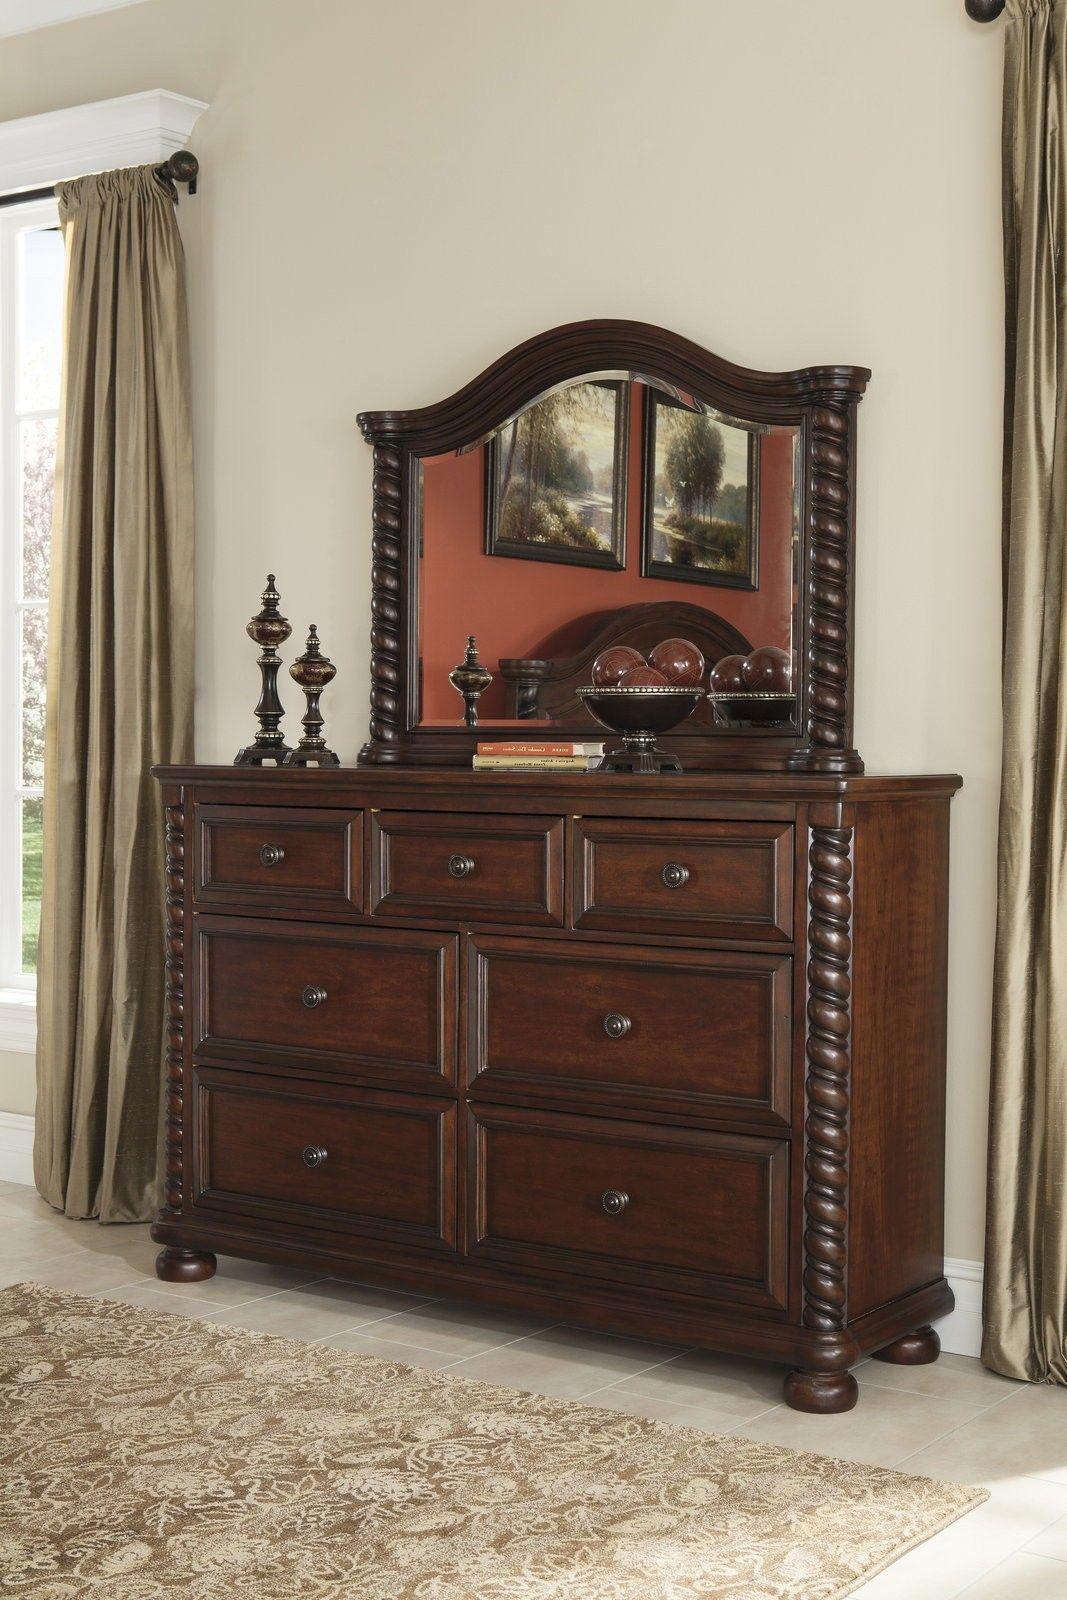 Ashley Brennville Seven Drawer Dresser In Brown Cherry